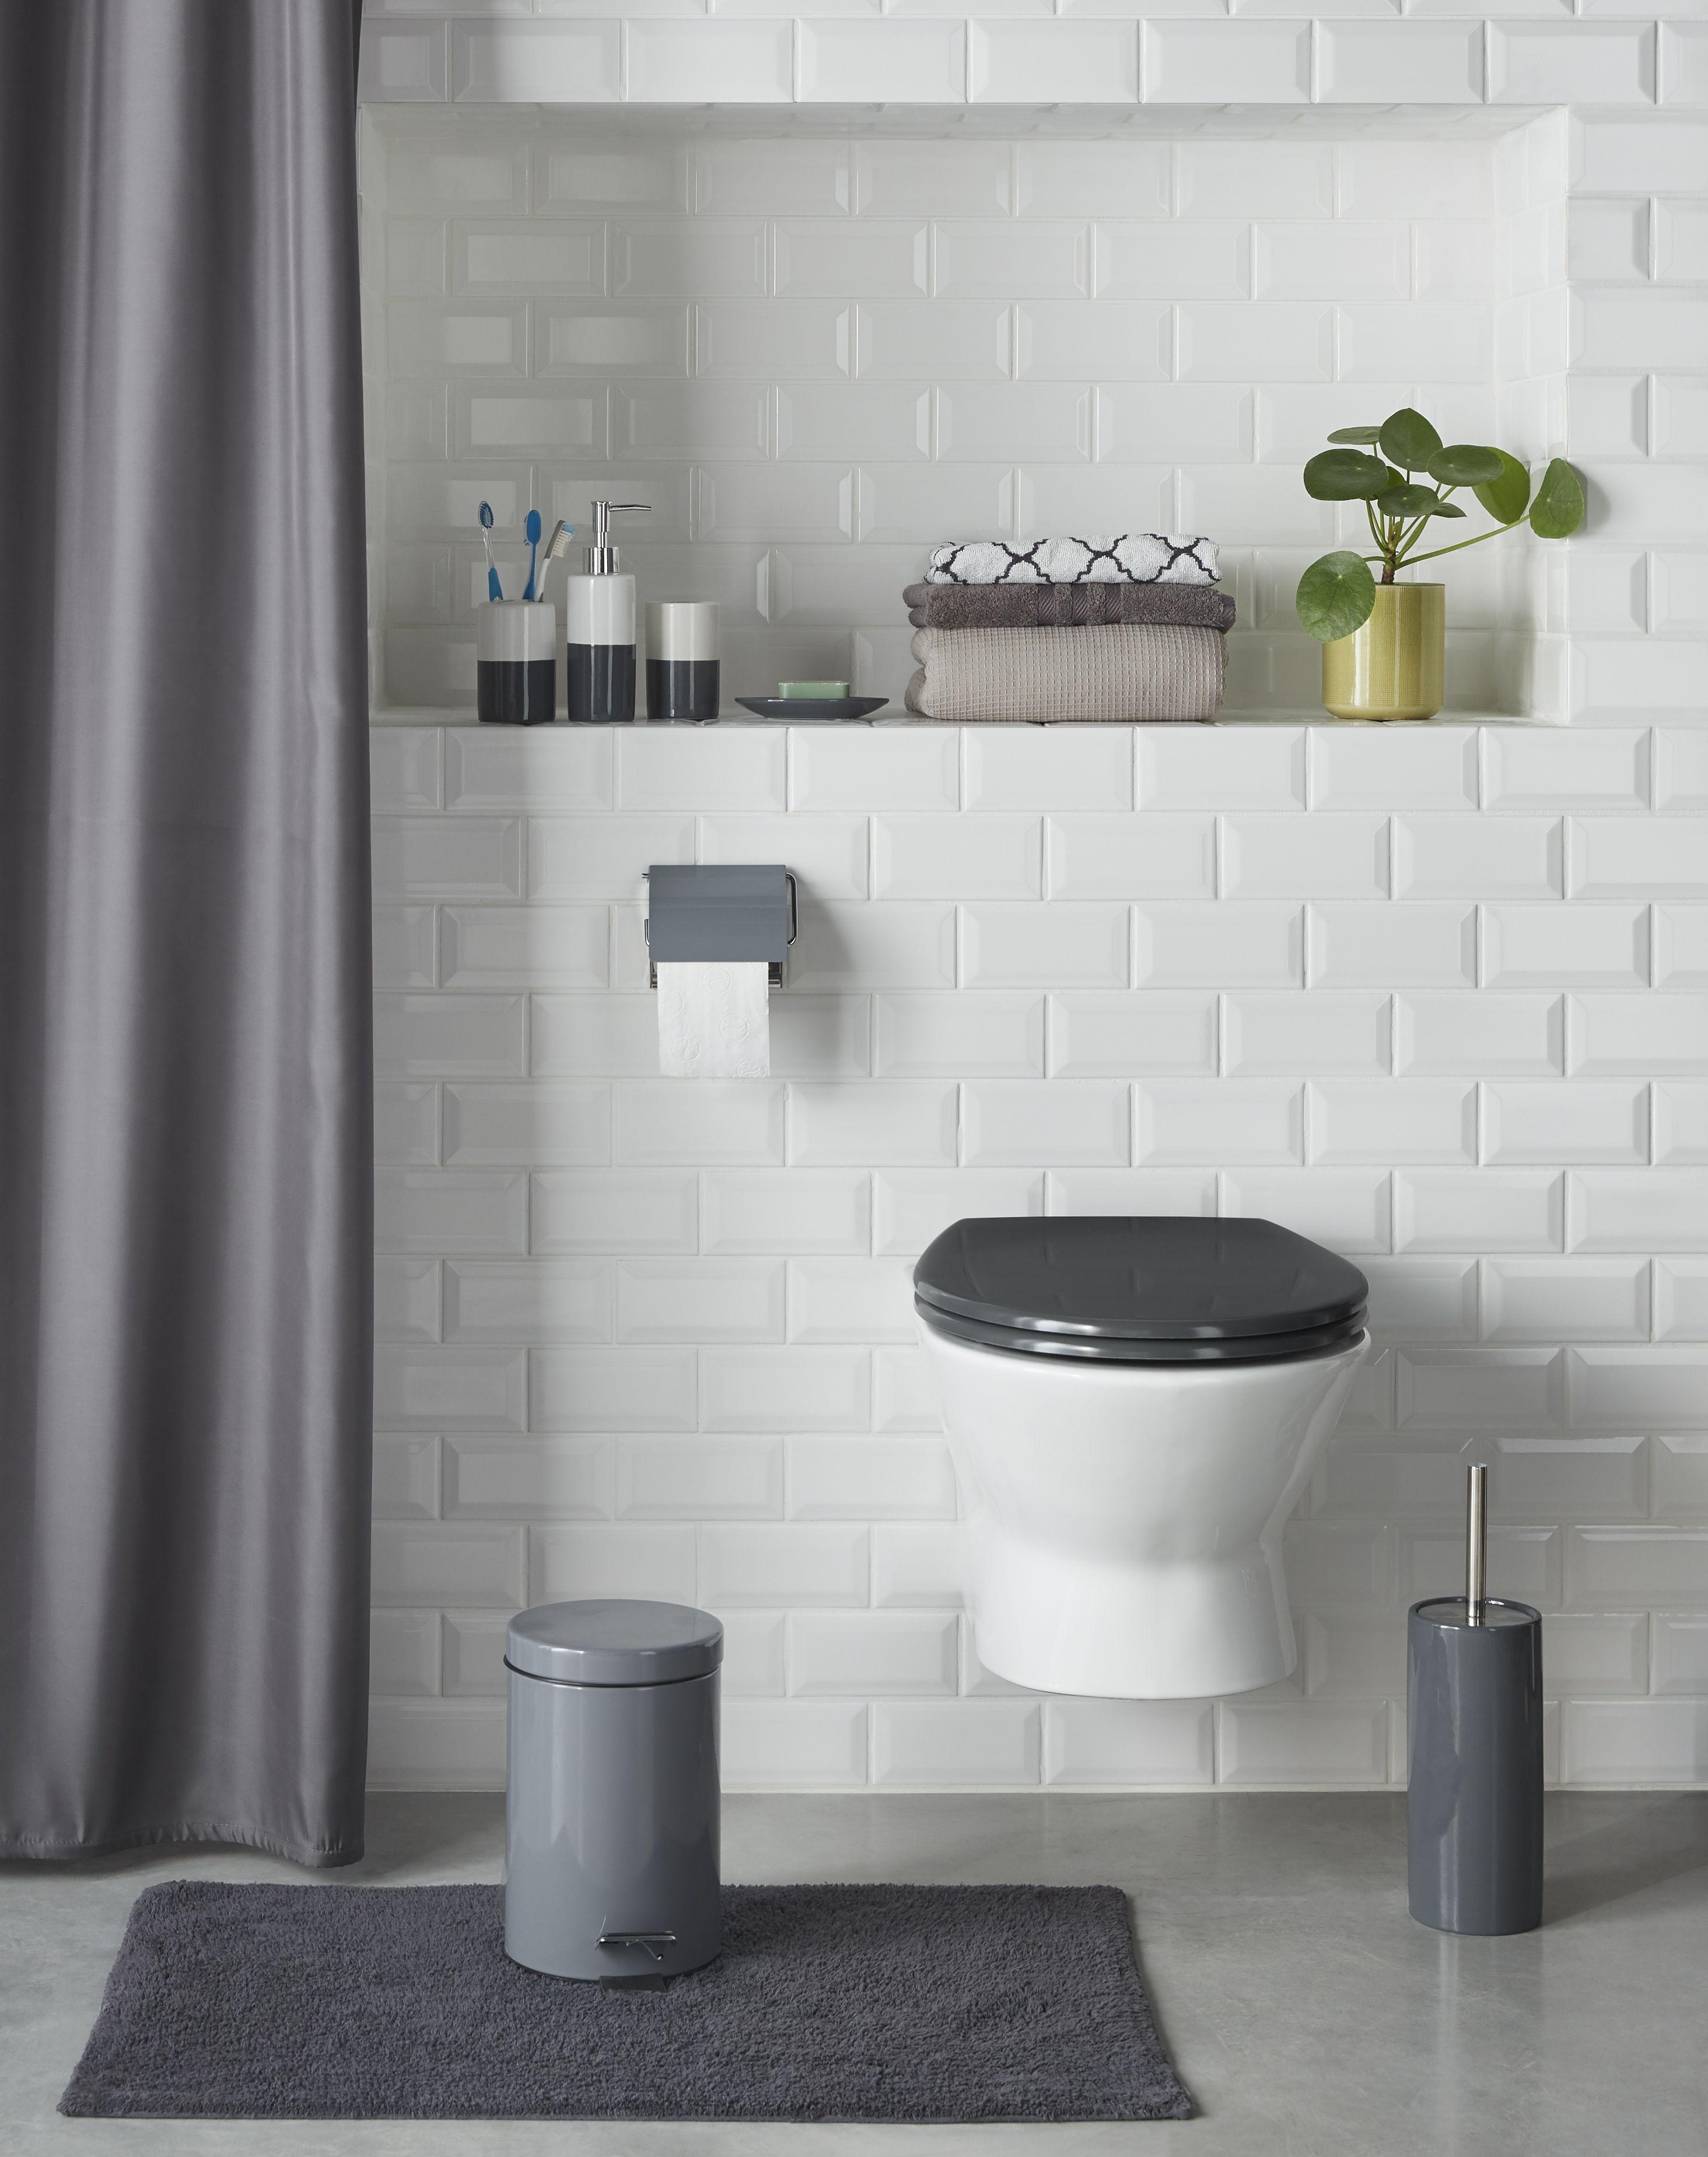 Charming Bathroom Fixtures Part - 8: Bathroom Accessory Sets